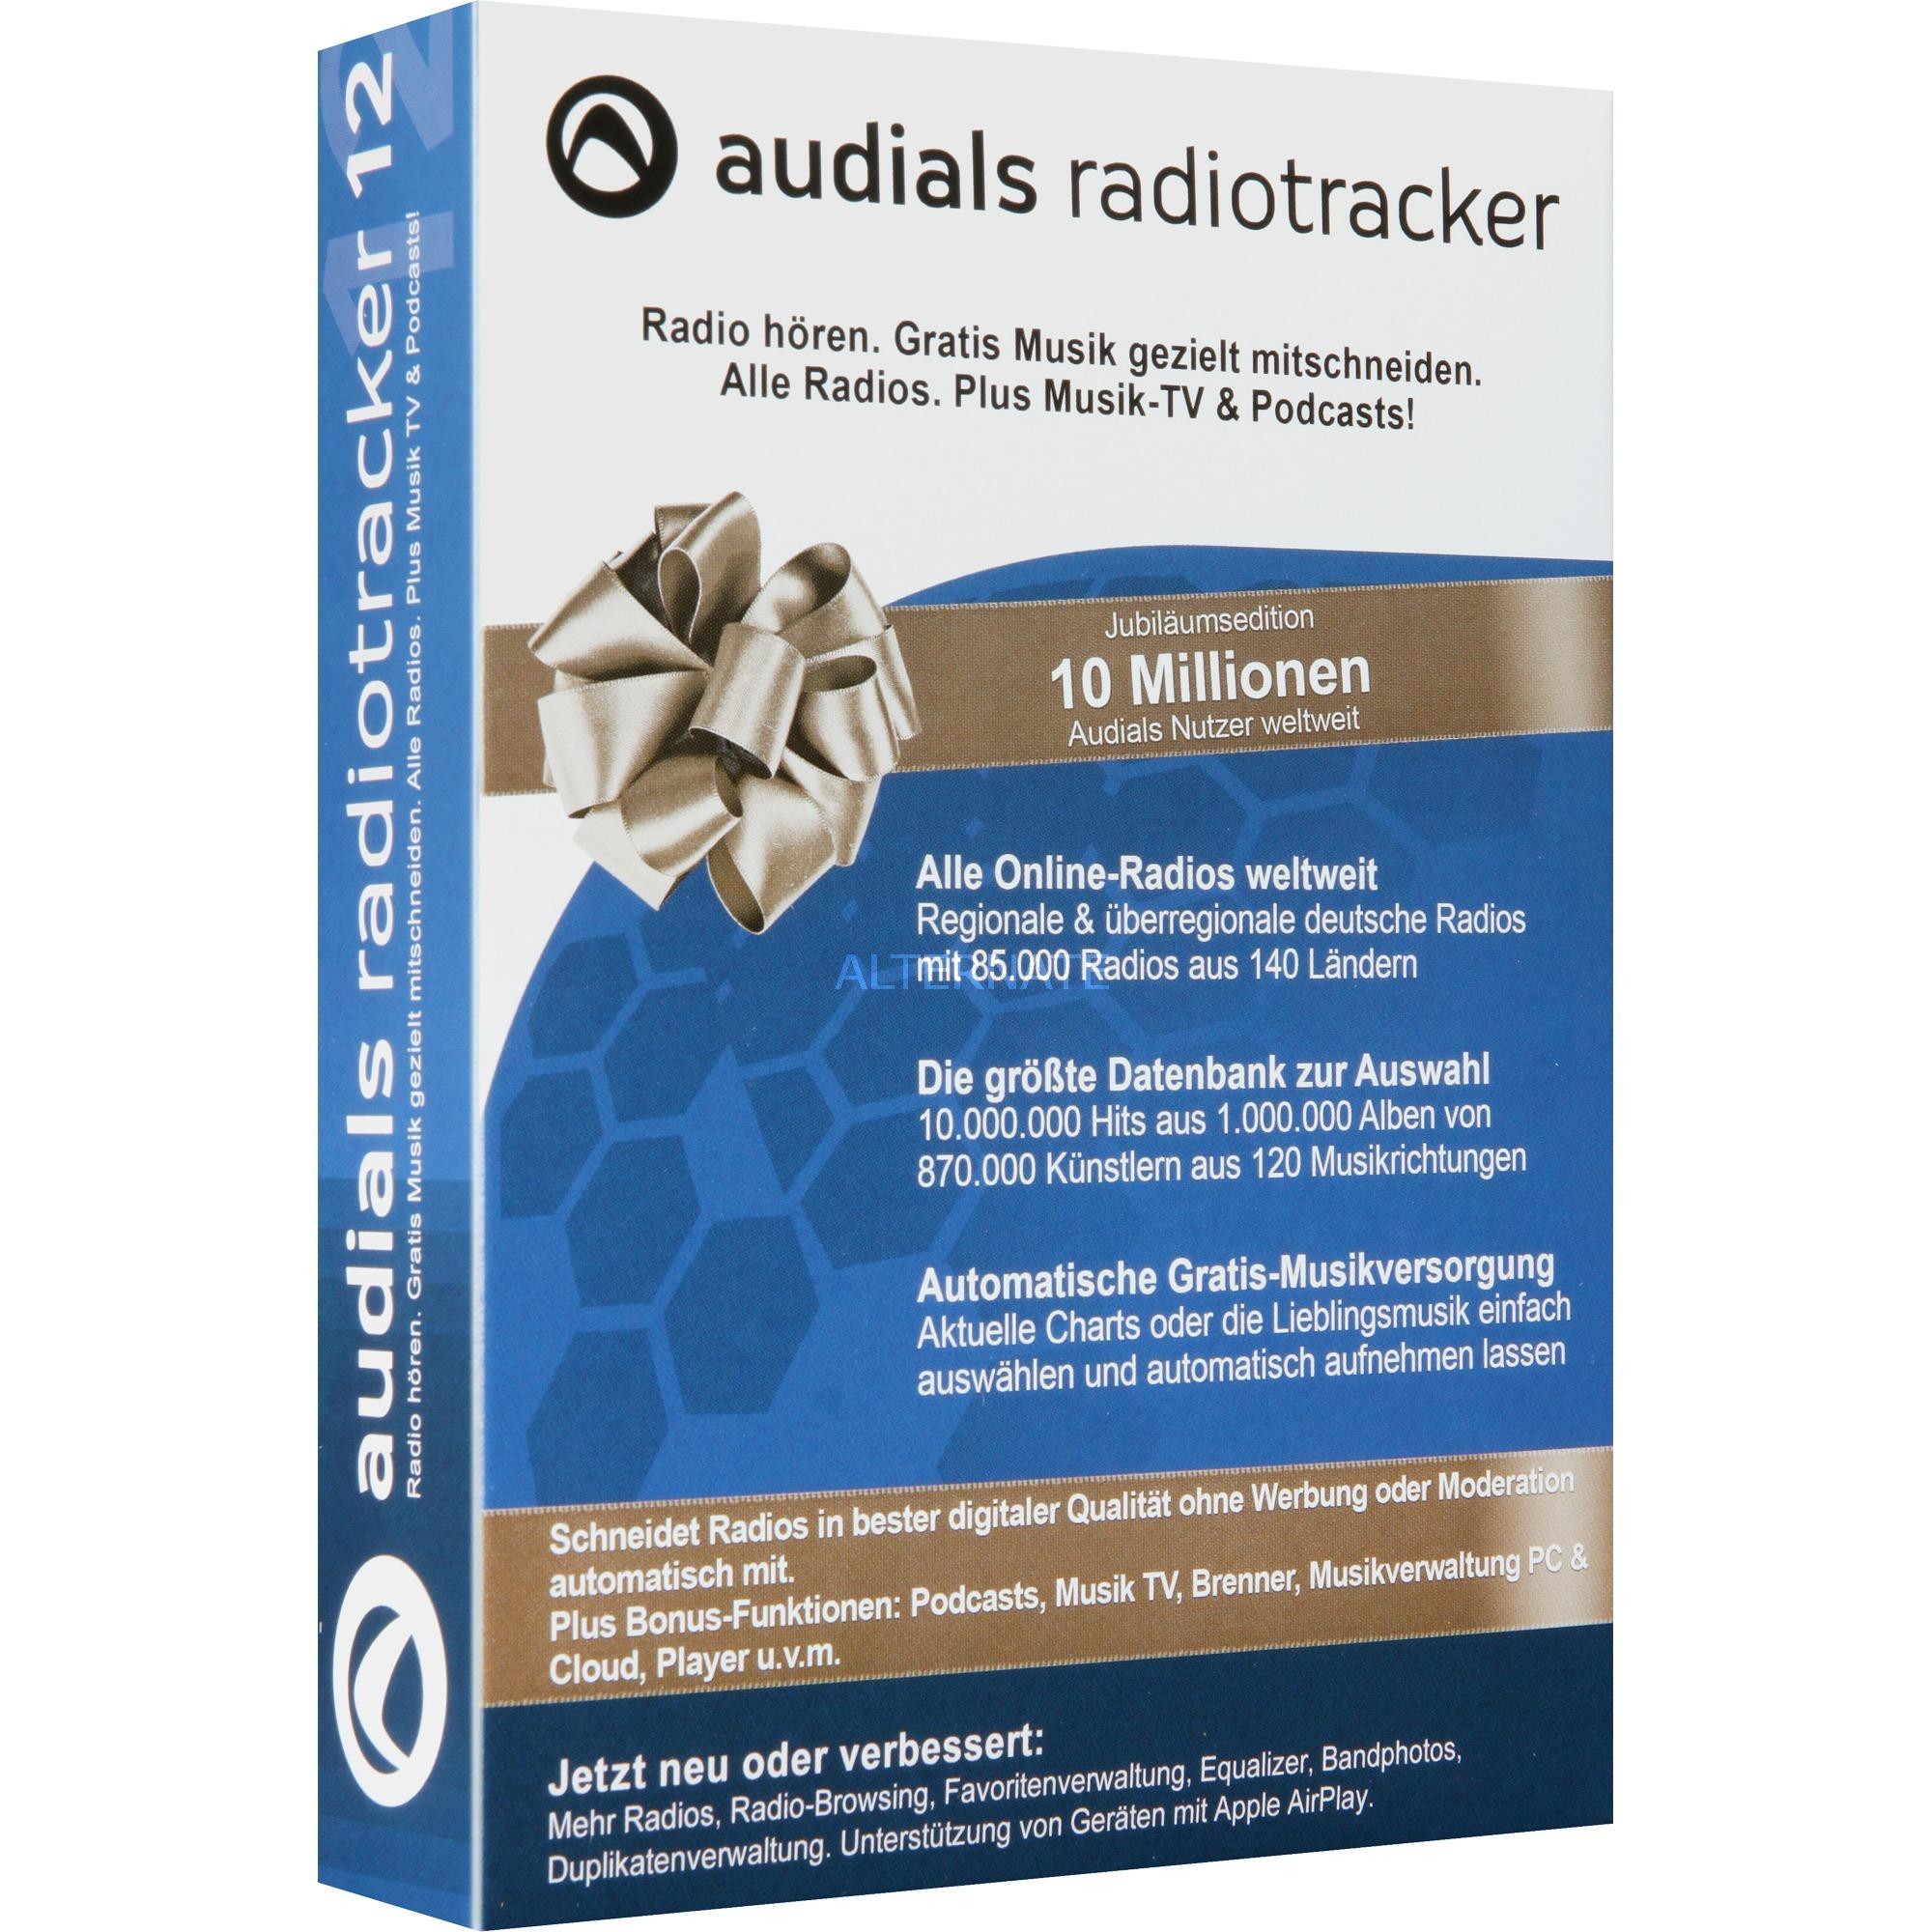 audials-radiotracker-12-software